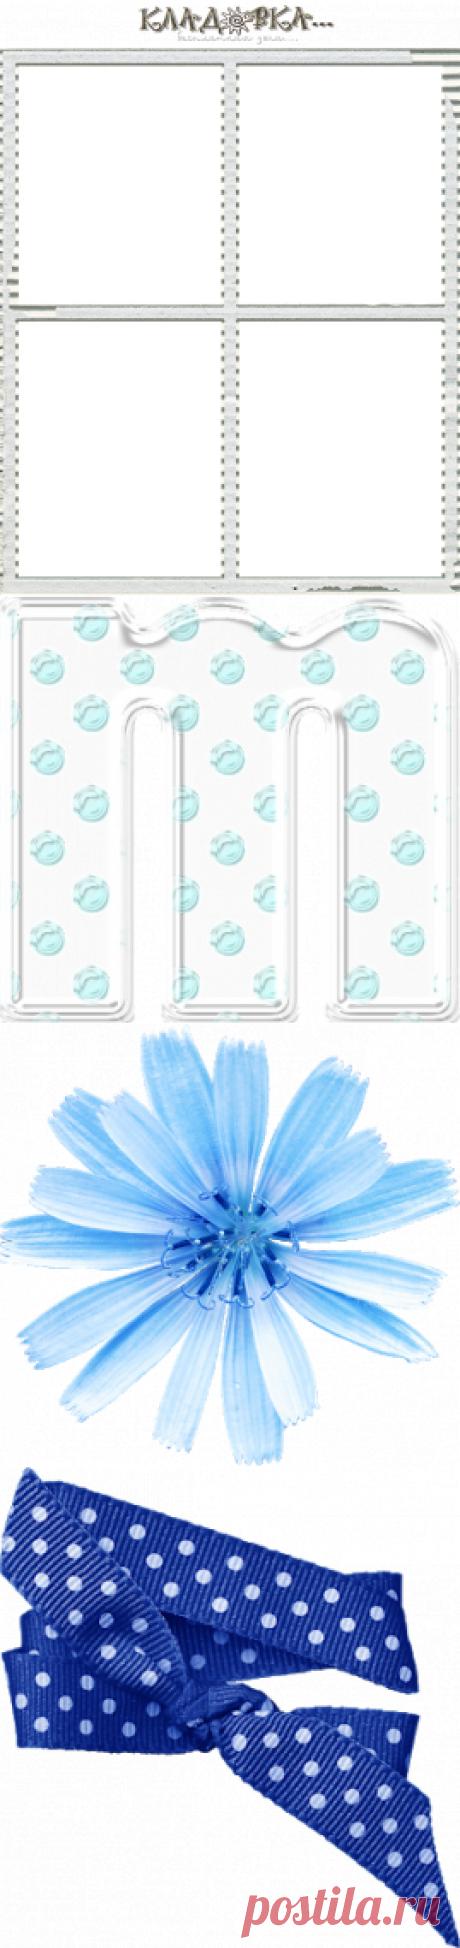 Кладовка...: Синие цифры и фон - распакованный скрап-набор для фотошопа png